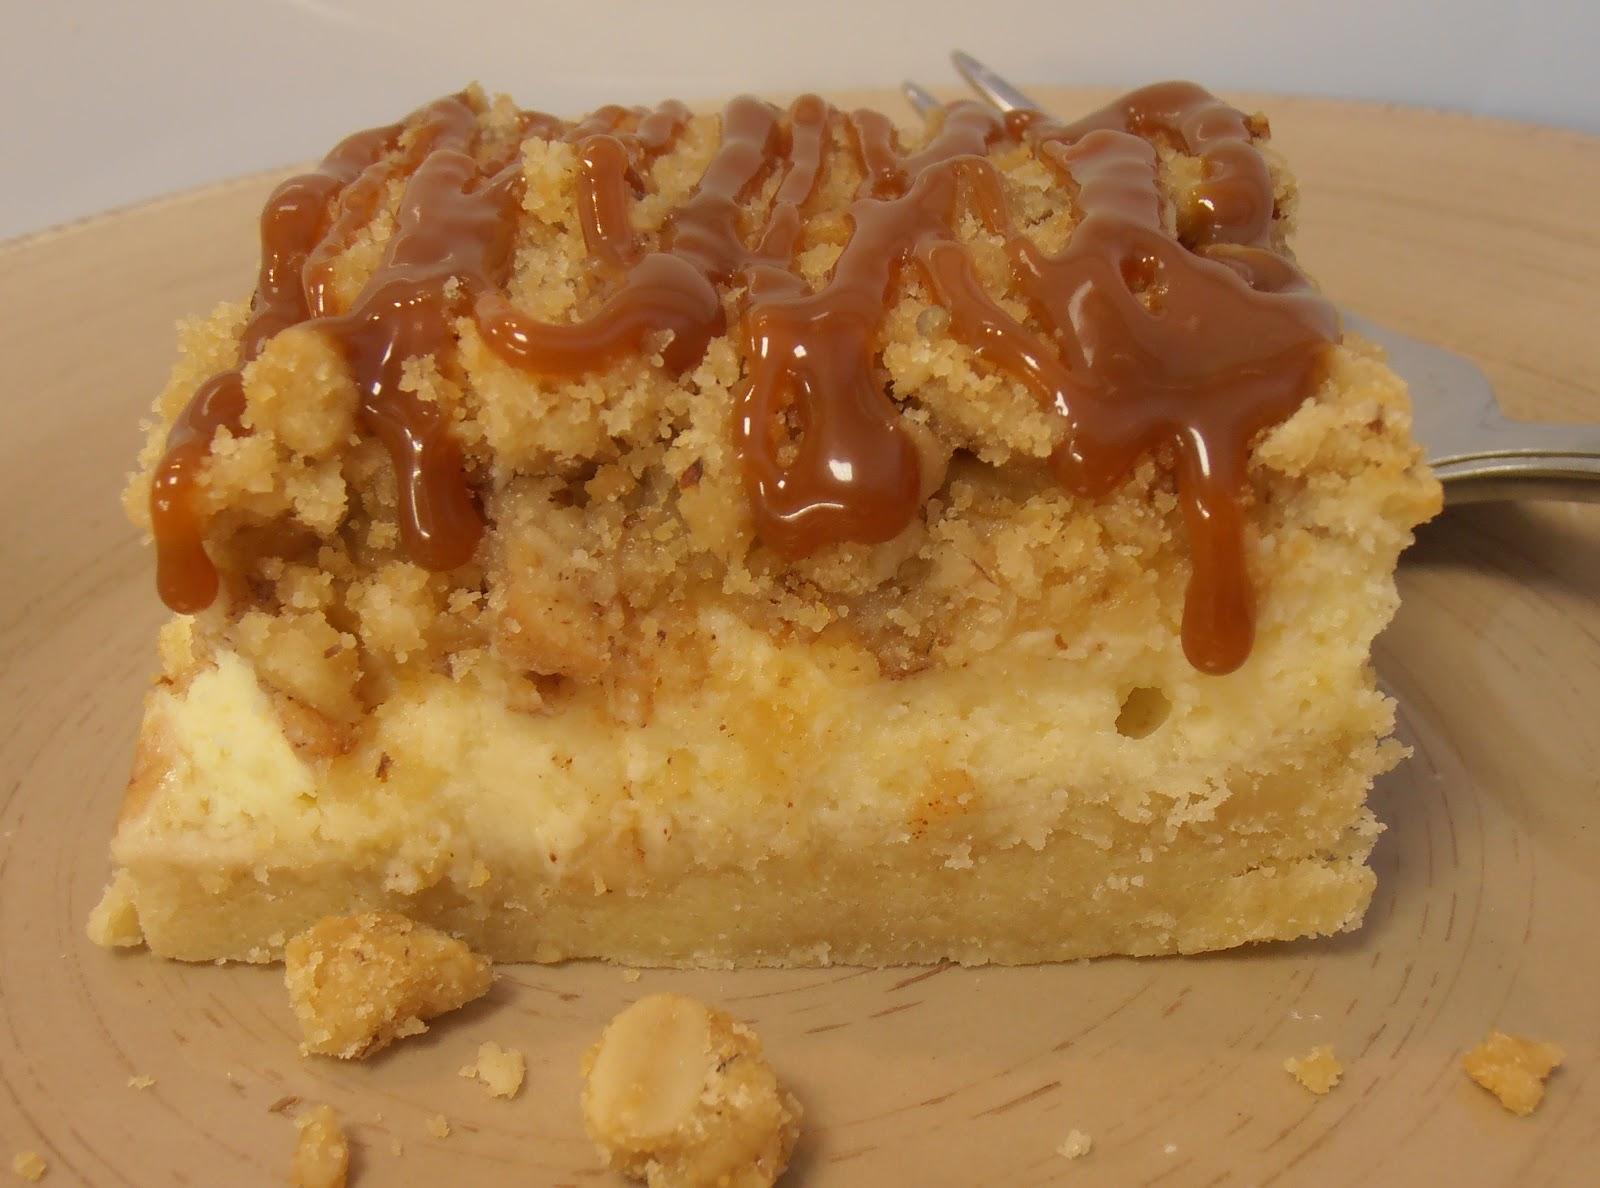 Caramel Apple Cheesecake Bars | The Brunette Baker